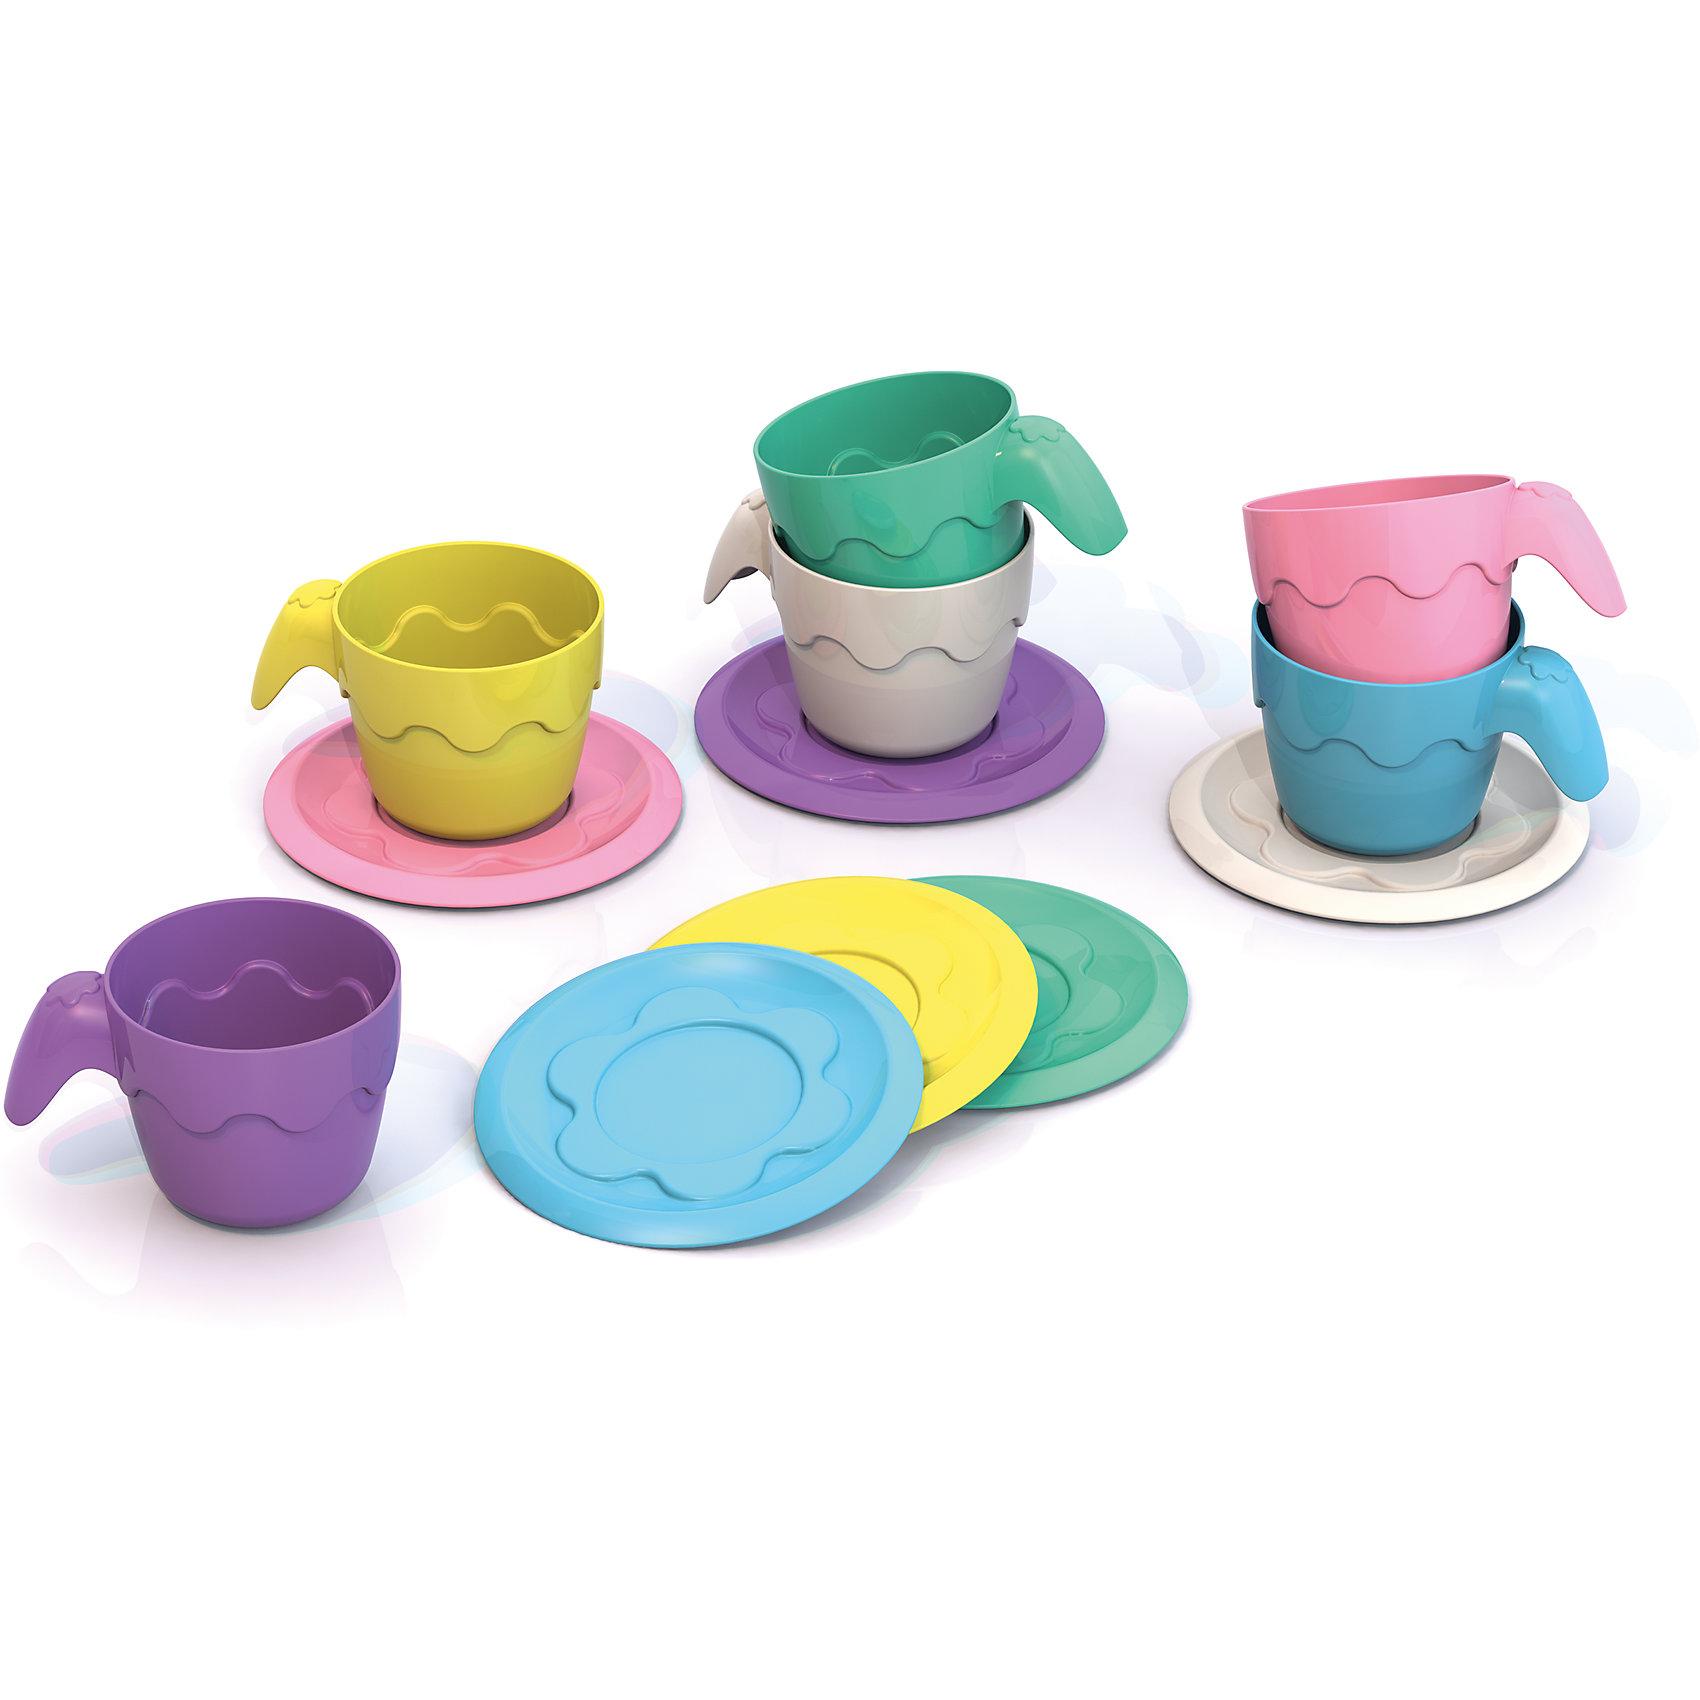 Набор детской посуды, ШкодаНабор посуды из серии Готовлю как мама - уникальные игрушки из пластмассы нового поколения, в производстве использованы очень яркие цвета и новые дизайнерские решения.<br>Отличный кухонный набор для маленькой хозяйки.<br><br>Дополнительная информация:<br><br>- в наборе 6 чашек с блюдцами<br>- размеры:  блюдечко ( 6,5*6,5*0,5), чашечка (4*5,5*3,5).<br><br>Набор детской посуды, Шкода можно купить в нашем магазине.<br><br>Ширина мм: 135<br>Глубина мм: 20<br>Высота мм: 230<br>Вес г: 80<br>Возраст от месяцев: 36<br>Возраст до месяцев: 72<br>Пол: Унисекс<br>Возраст: Детский<br>SKU: 4104893